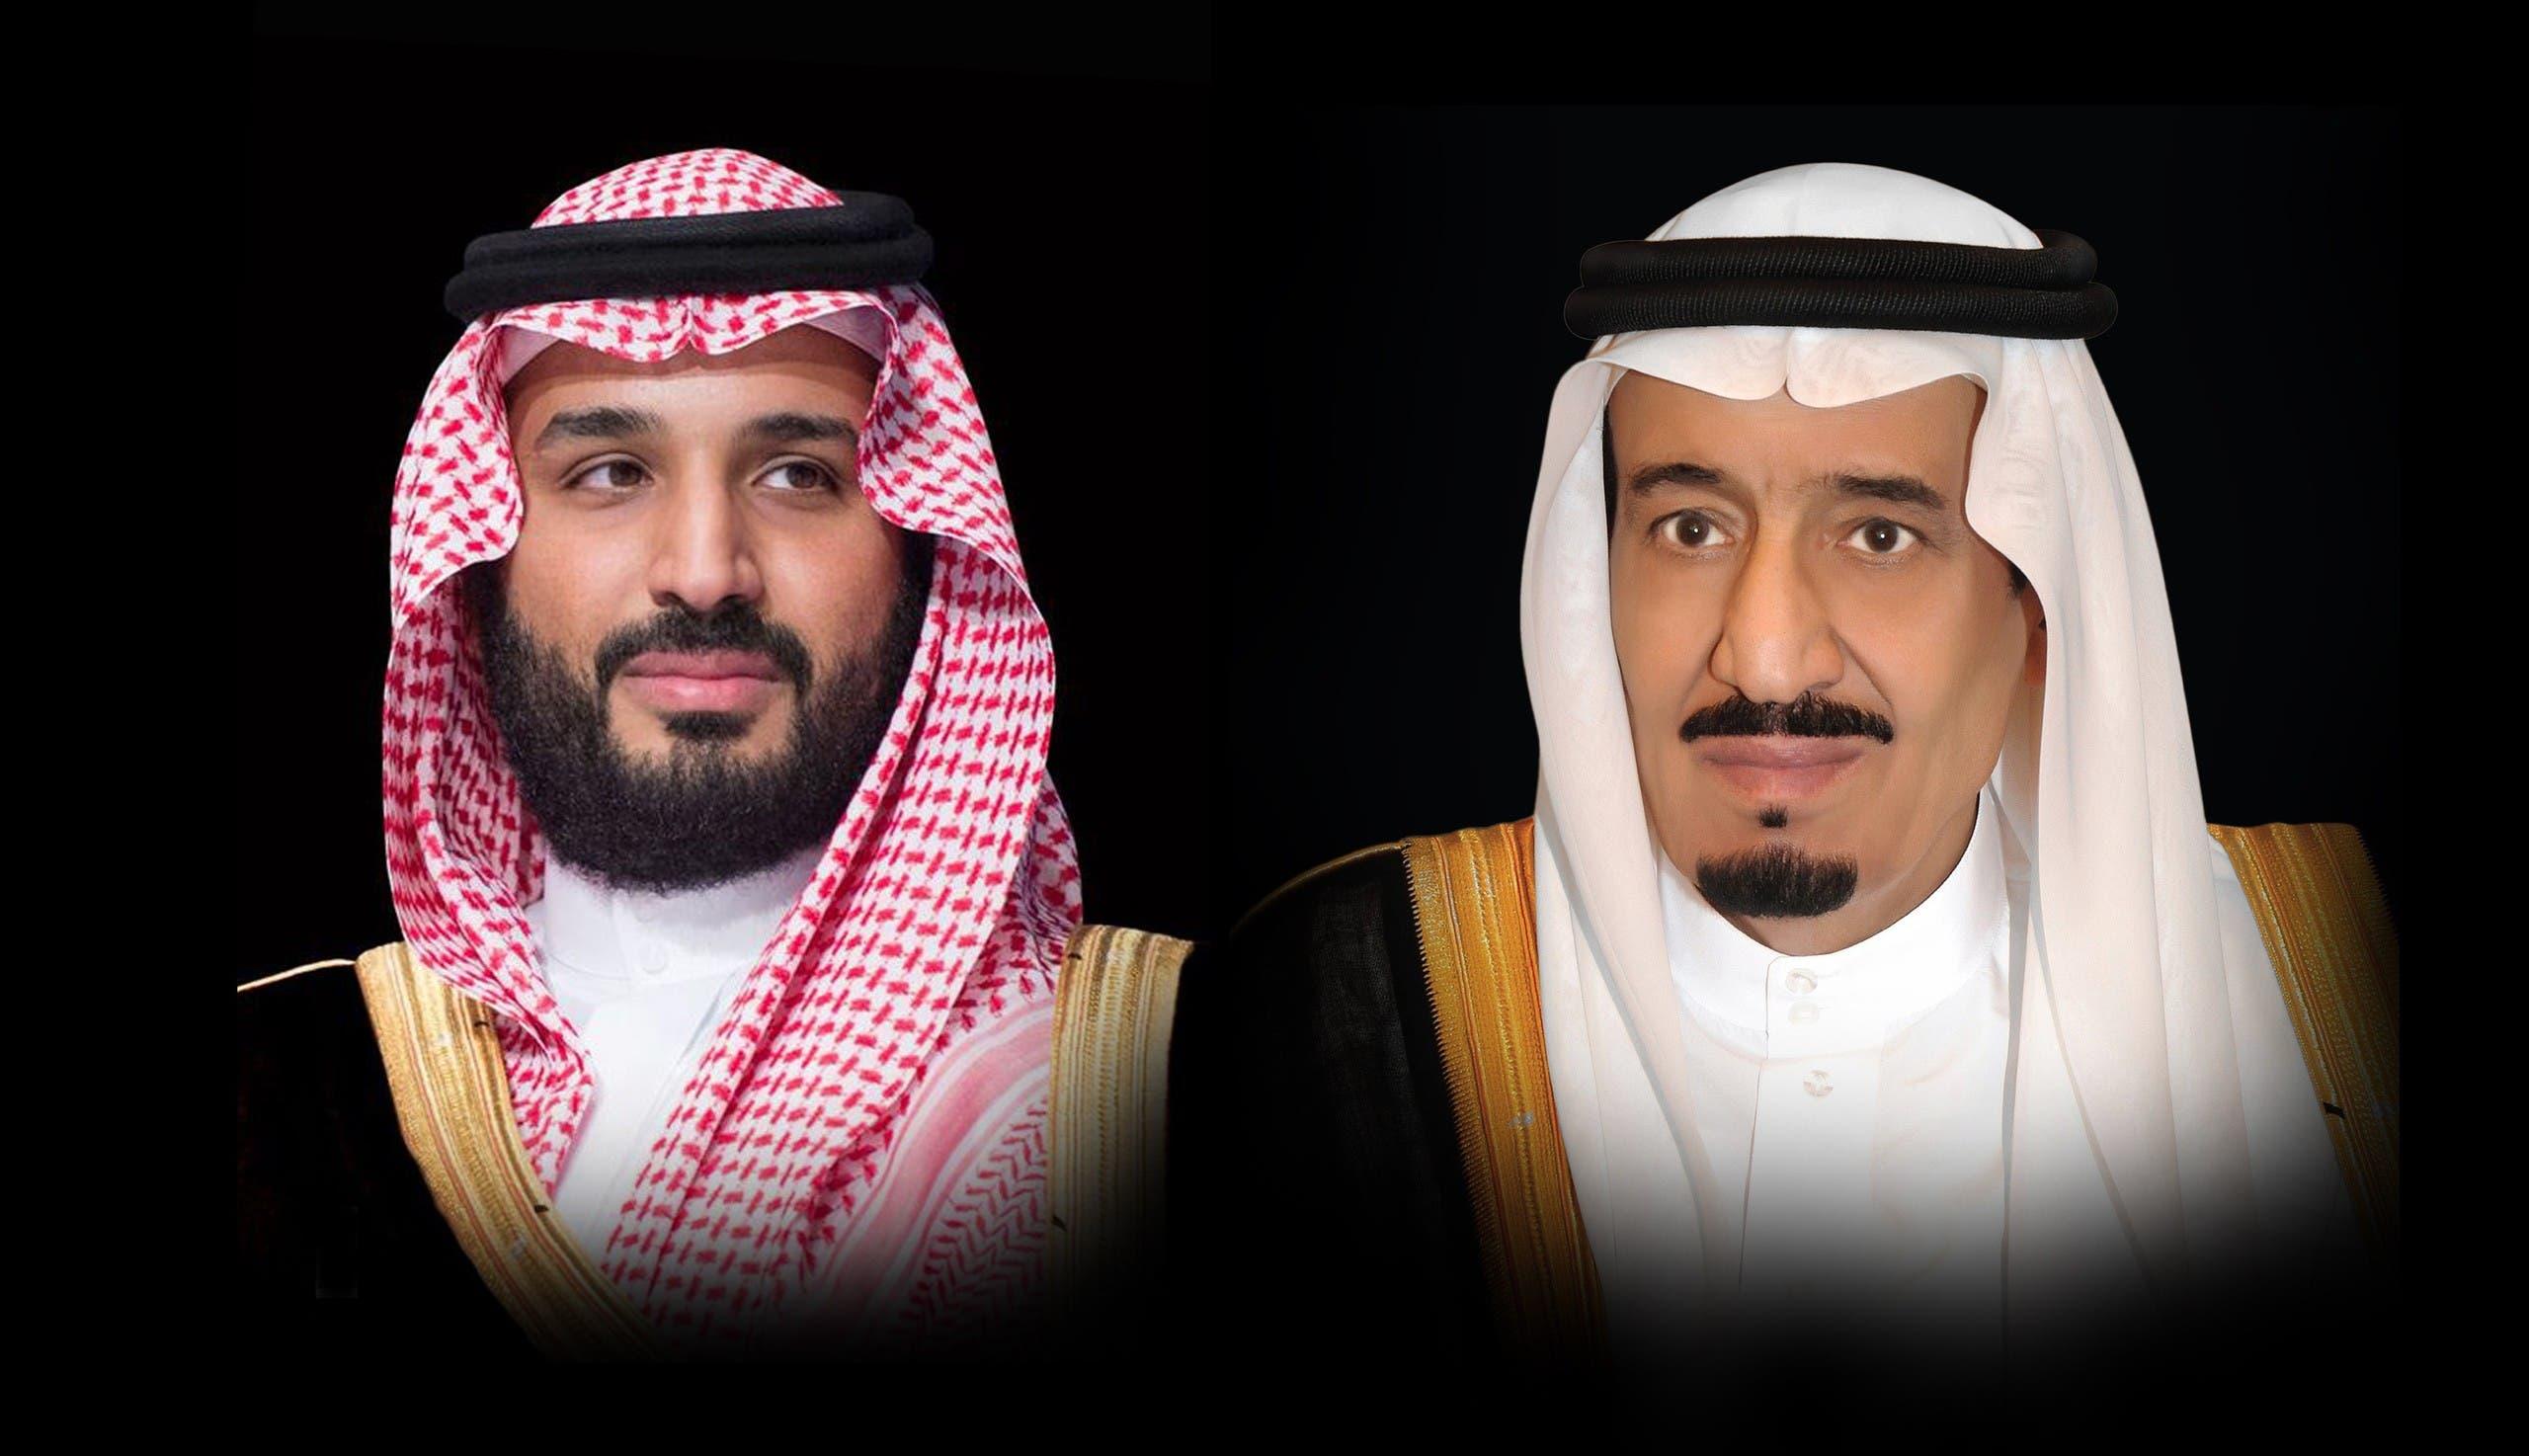 الملك سلمان وولي العهد محمد بن سلمان